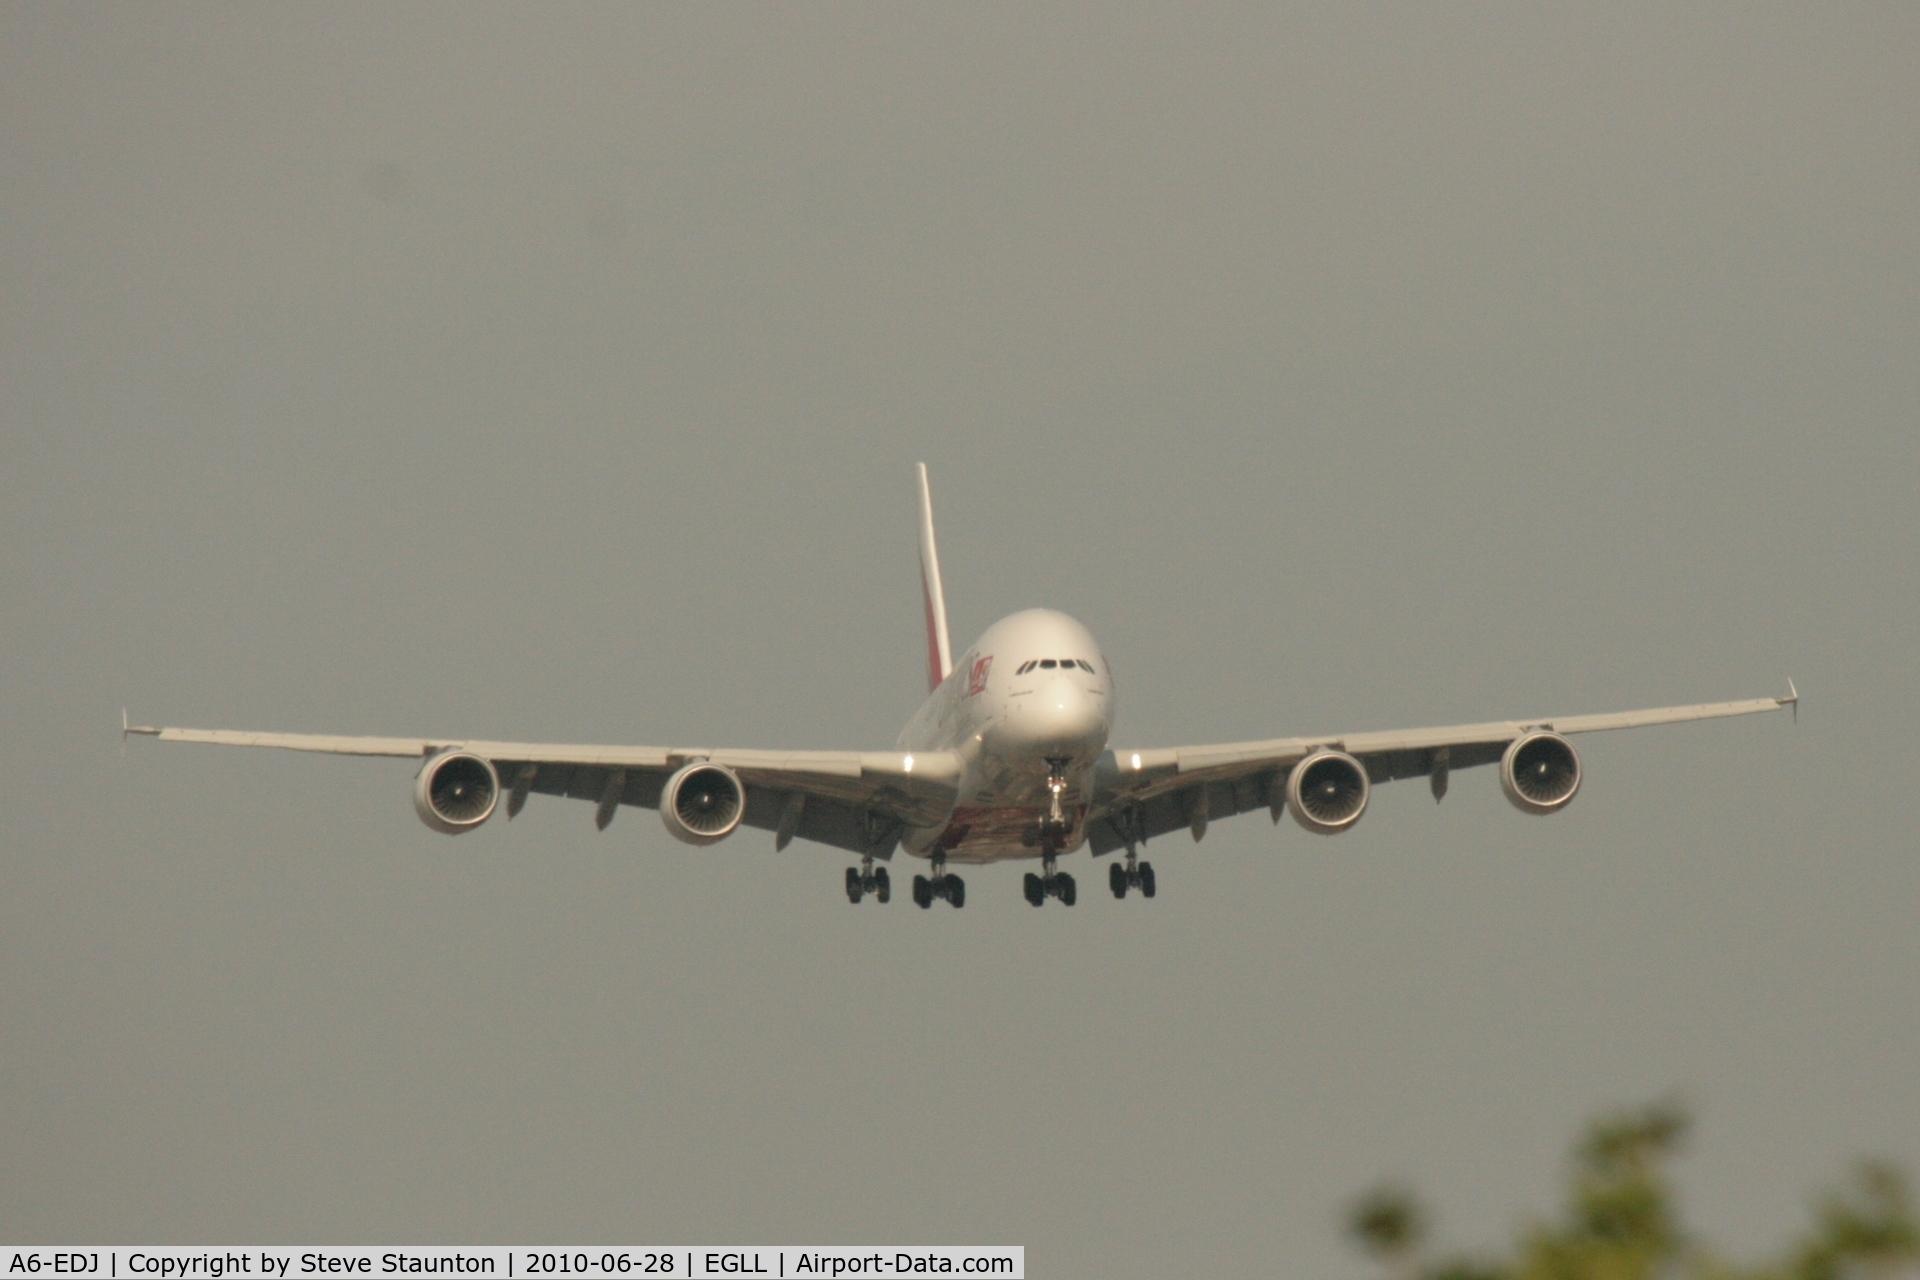 A6-EDJ, 2006 Airbus A380-861 C/N 009, Taken at Heathrow Airport, June 2010